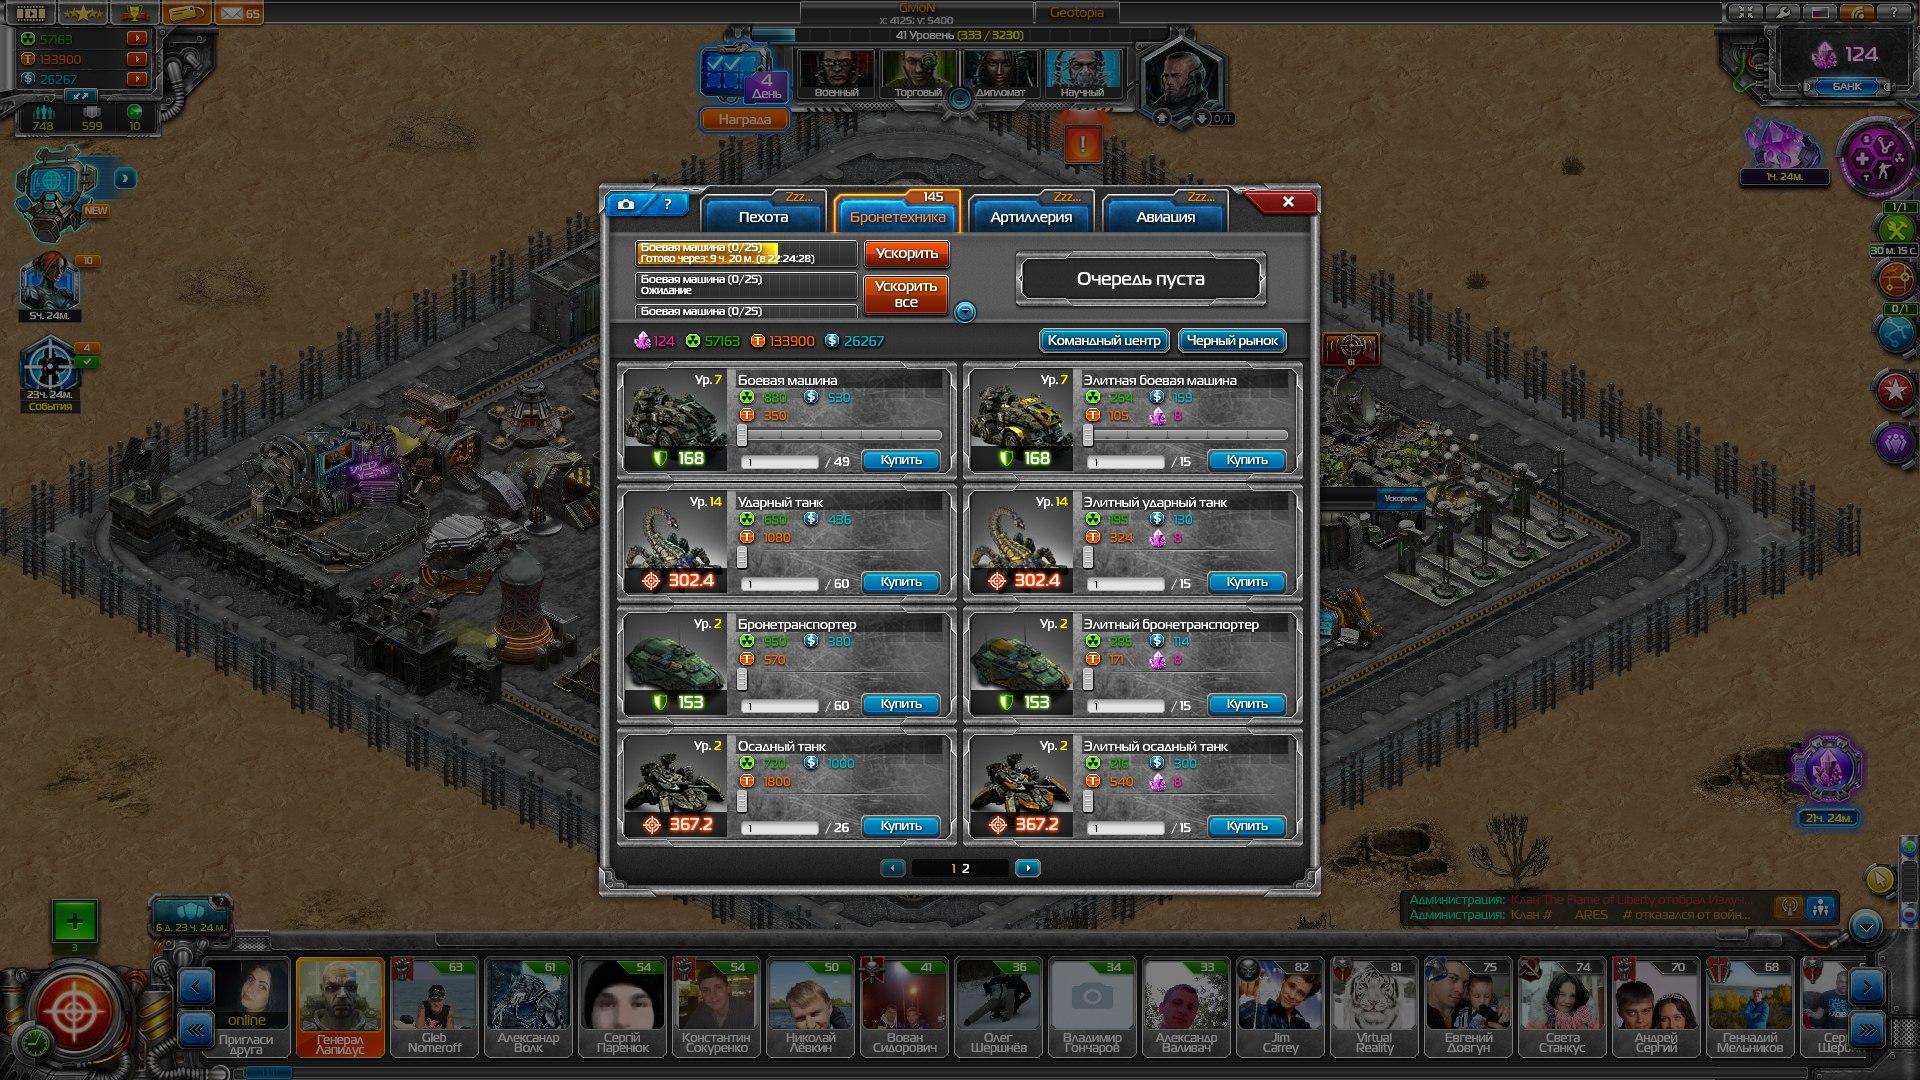 Онлайн стратегии ядерная новый сезон игра престолов 7 сезон 1 серия смотреть онлайн бесплатно